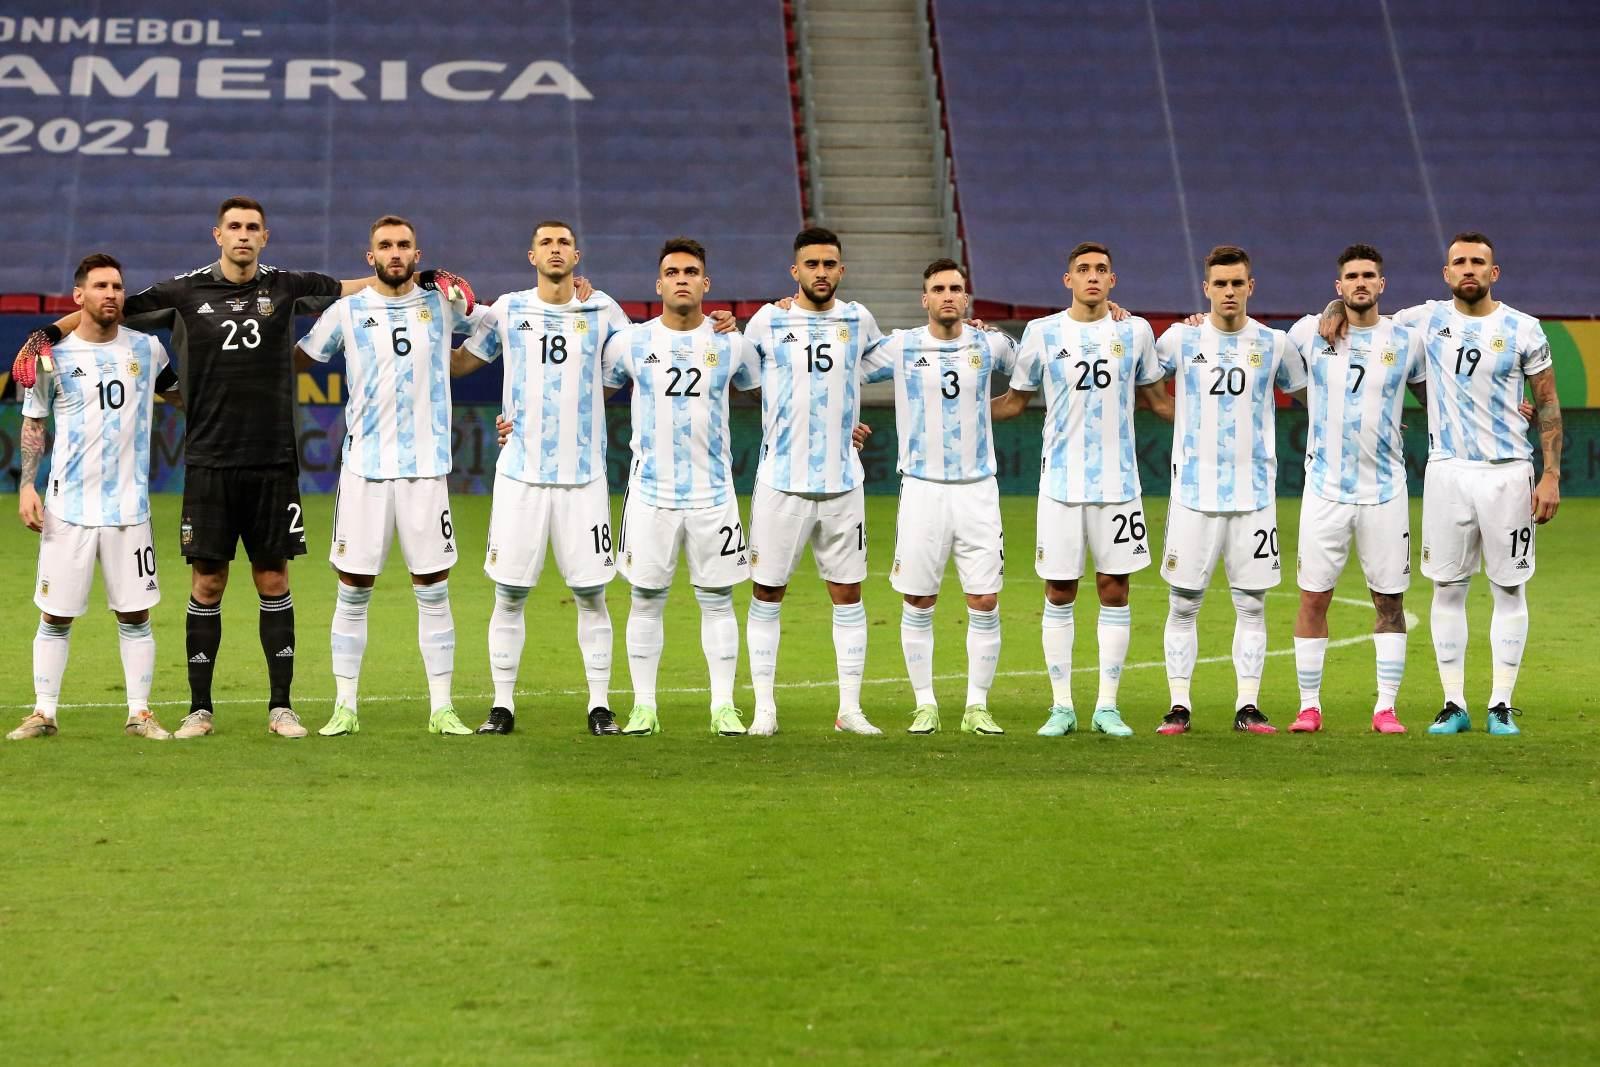 Чилаверт - о финале Кубка Америки: «Аргентине будут противостоять Бразилия, судьи и VAR»